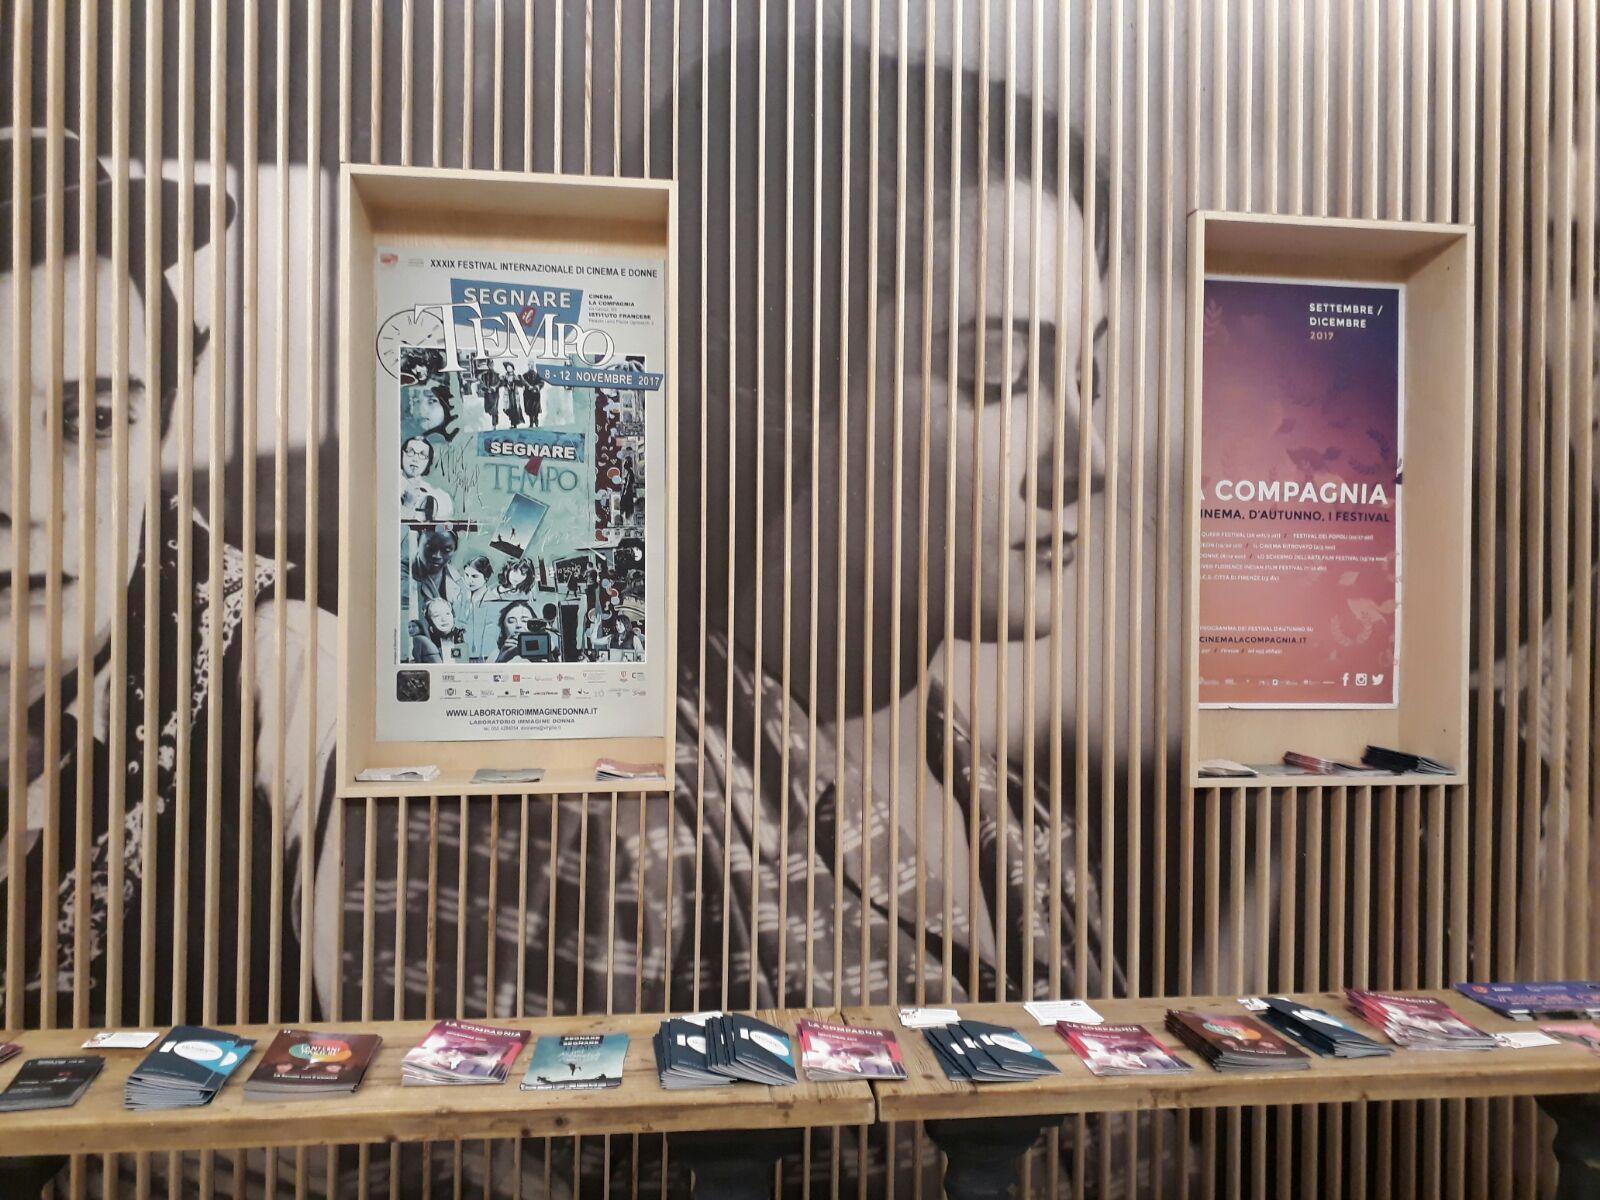 לא מובן מאליו: סרט בשפת המקור בקולנוע בפירנצה (צילום: אילאיל קופלר) (צילום: אילאיל קופלר)